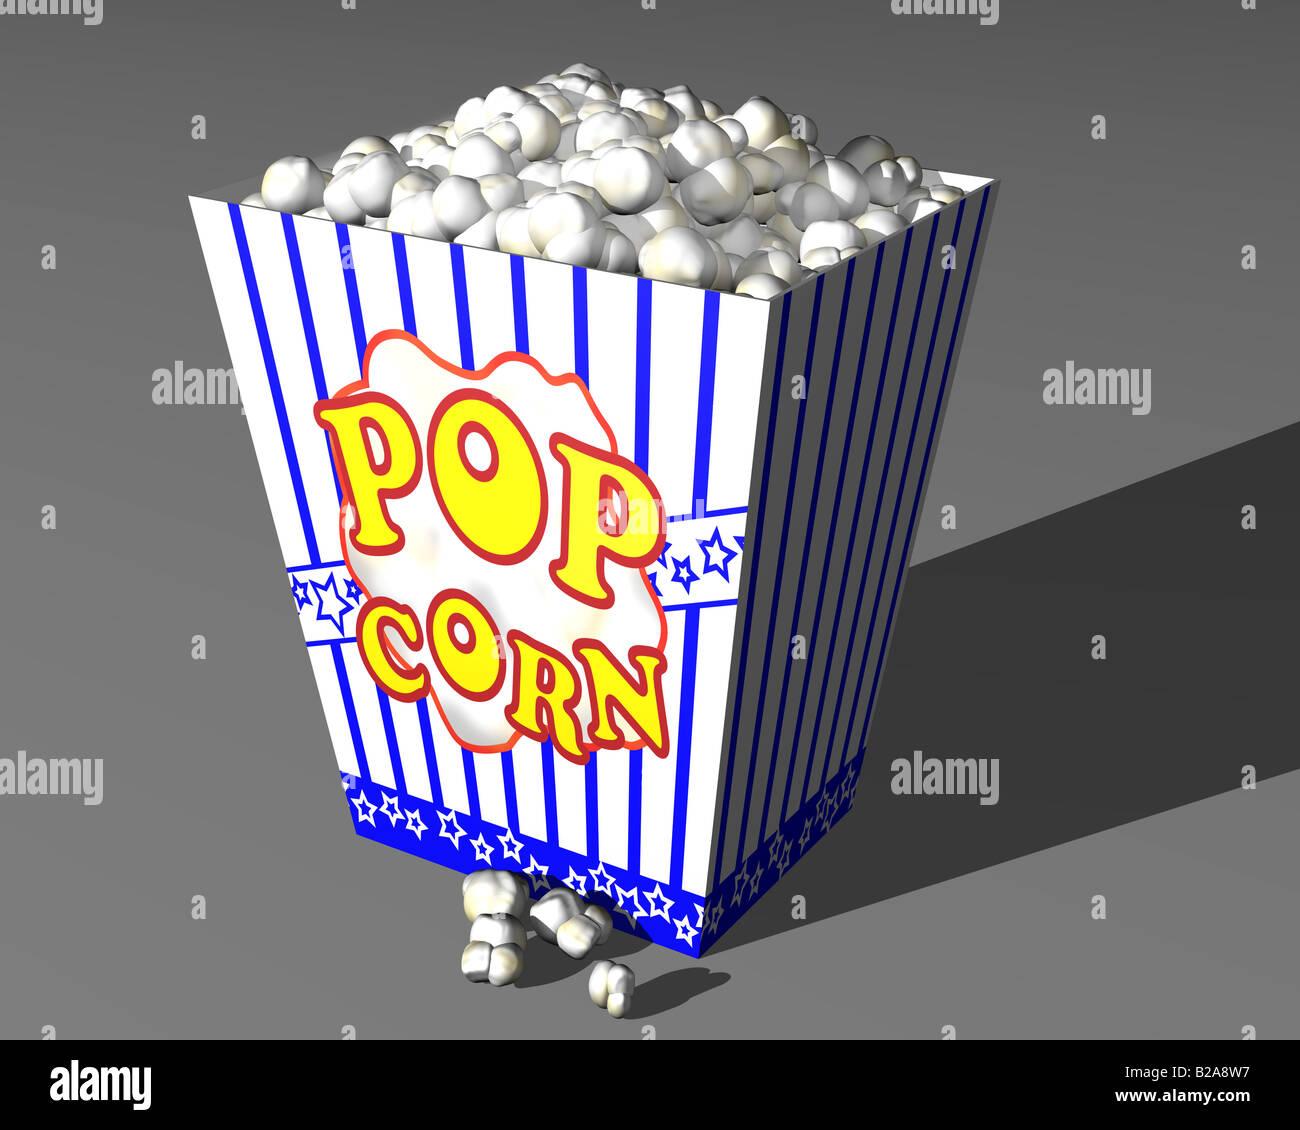 Illustrazione di una grande scatola di popcorn cinema Immagini Stock